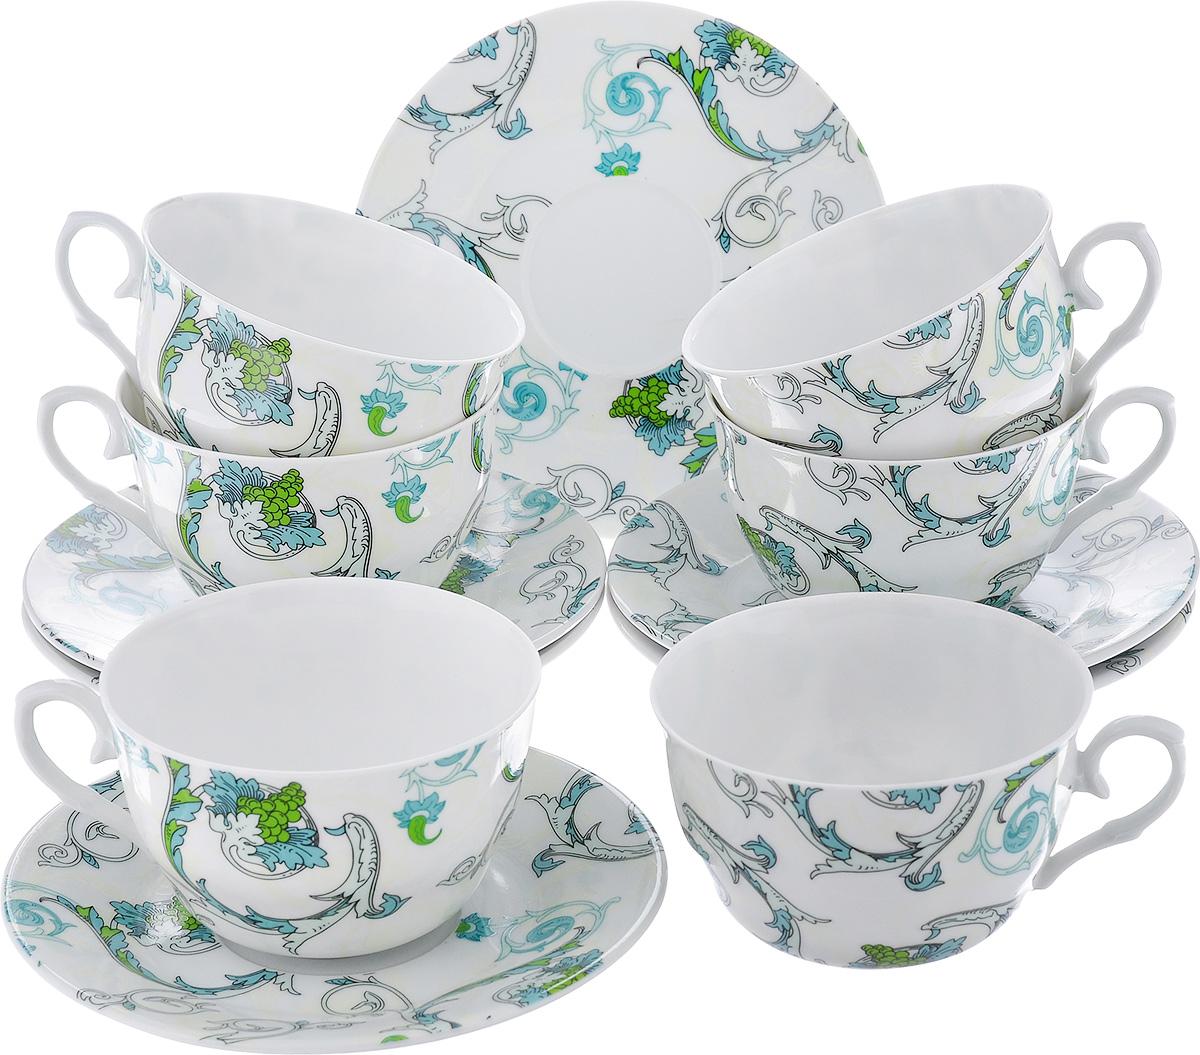 Чайный набор LarangE Рококо, цвет: белый, светло-зеленый, 12 предметов586-315Чайный набор LarangE Рококо состоит из шести чашек и шести блюдец, изготовленных из фарфора. Предметы набора оформлены изящным ярким рисунком. Чайный набор LarangE Рококо украсит ваш кухонный стол, а также станет замечательным подарком друзьям и близким.Объем чашки: 250 мл. Диаметр чашки по верхнему краю: 9,5 см. Высота чашки: 6 см. Диаметр блюдца: 14,5 см.